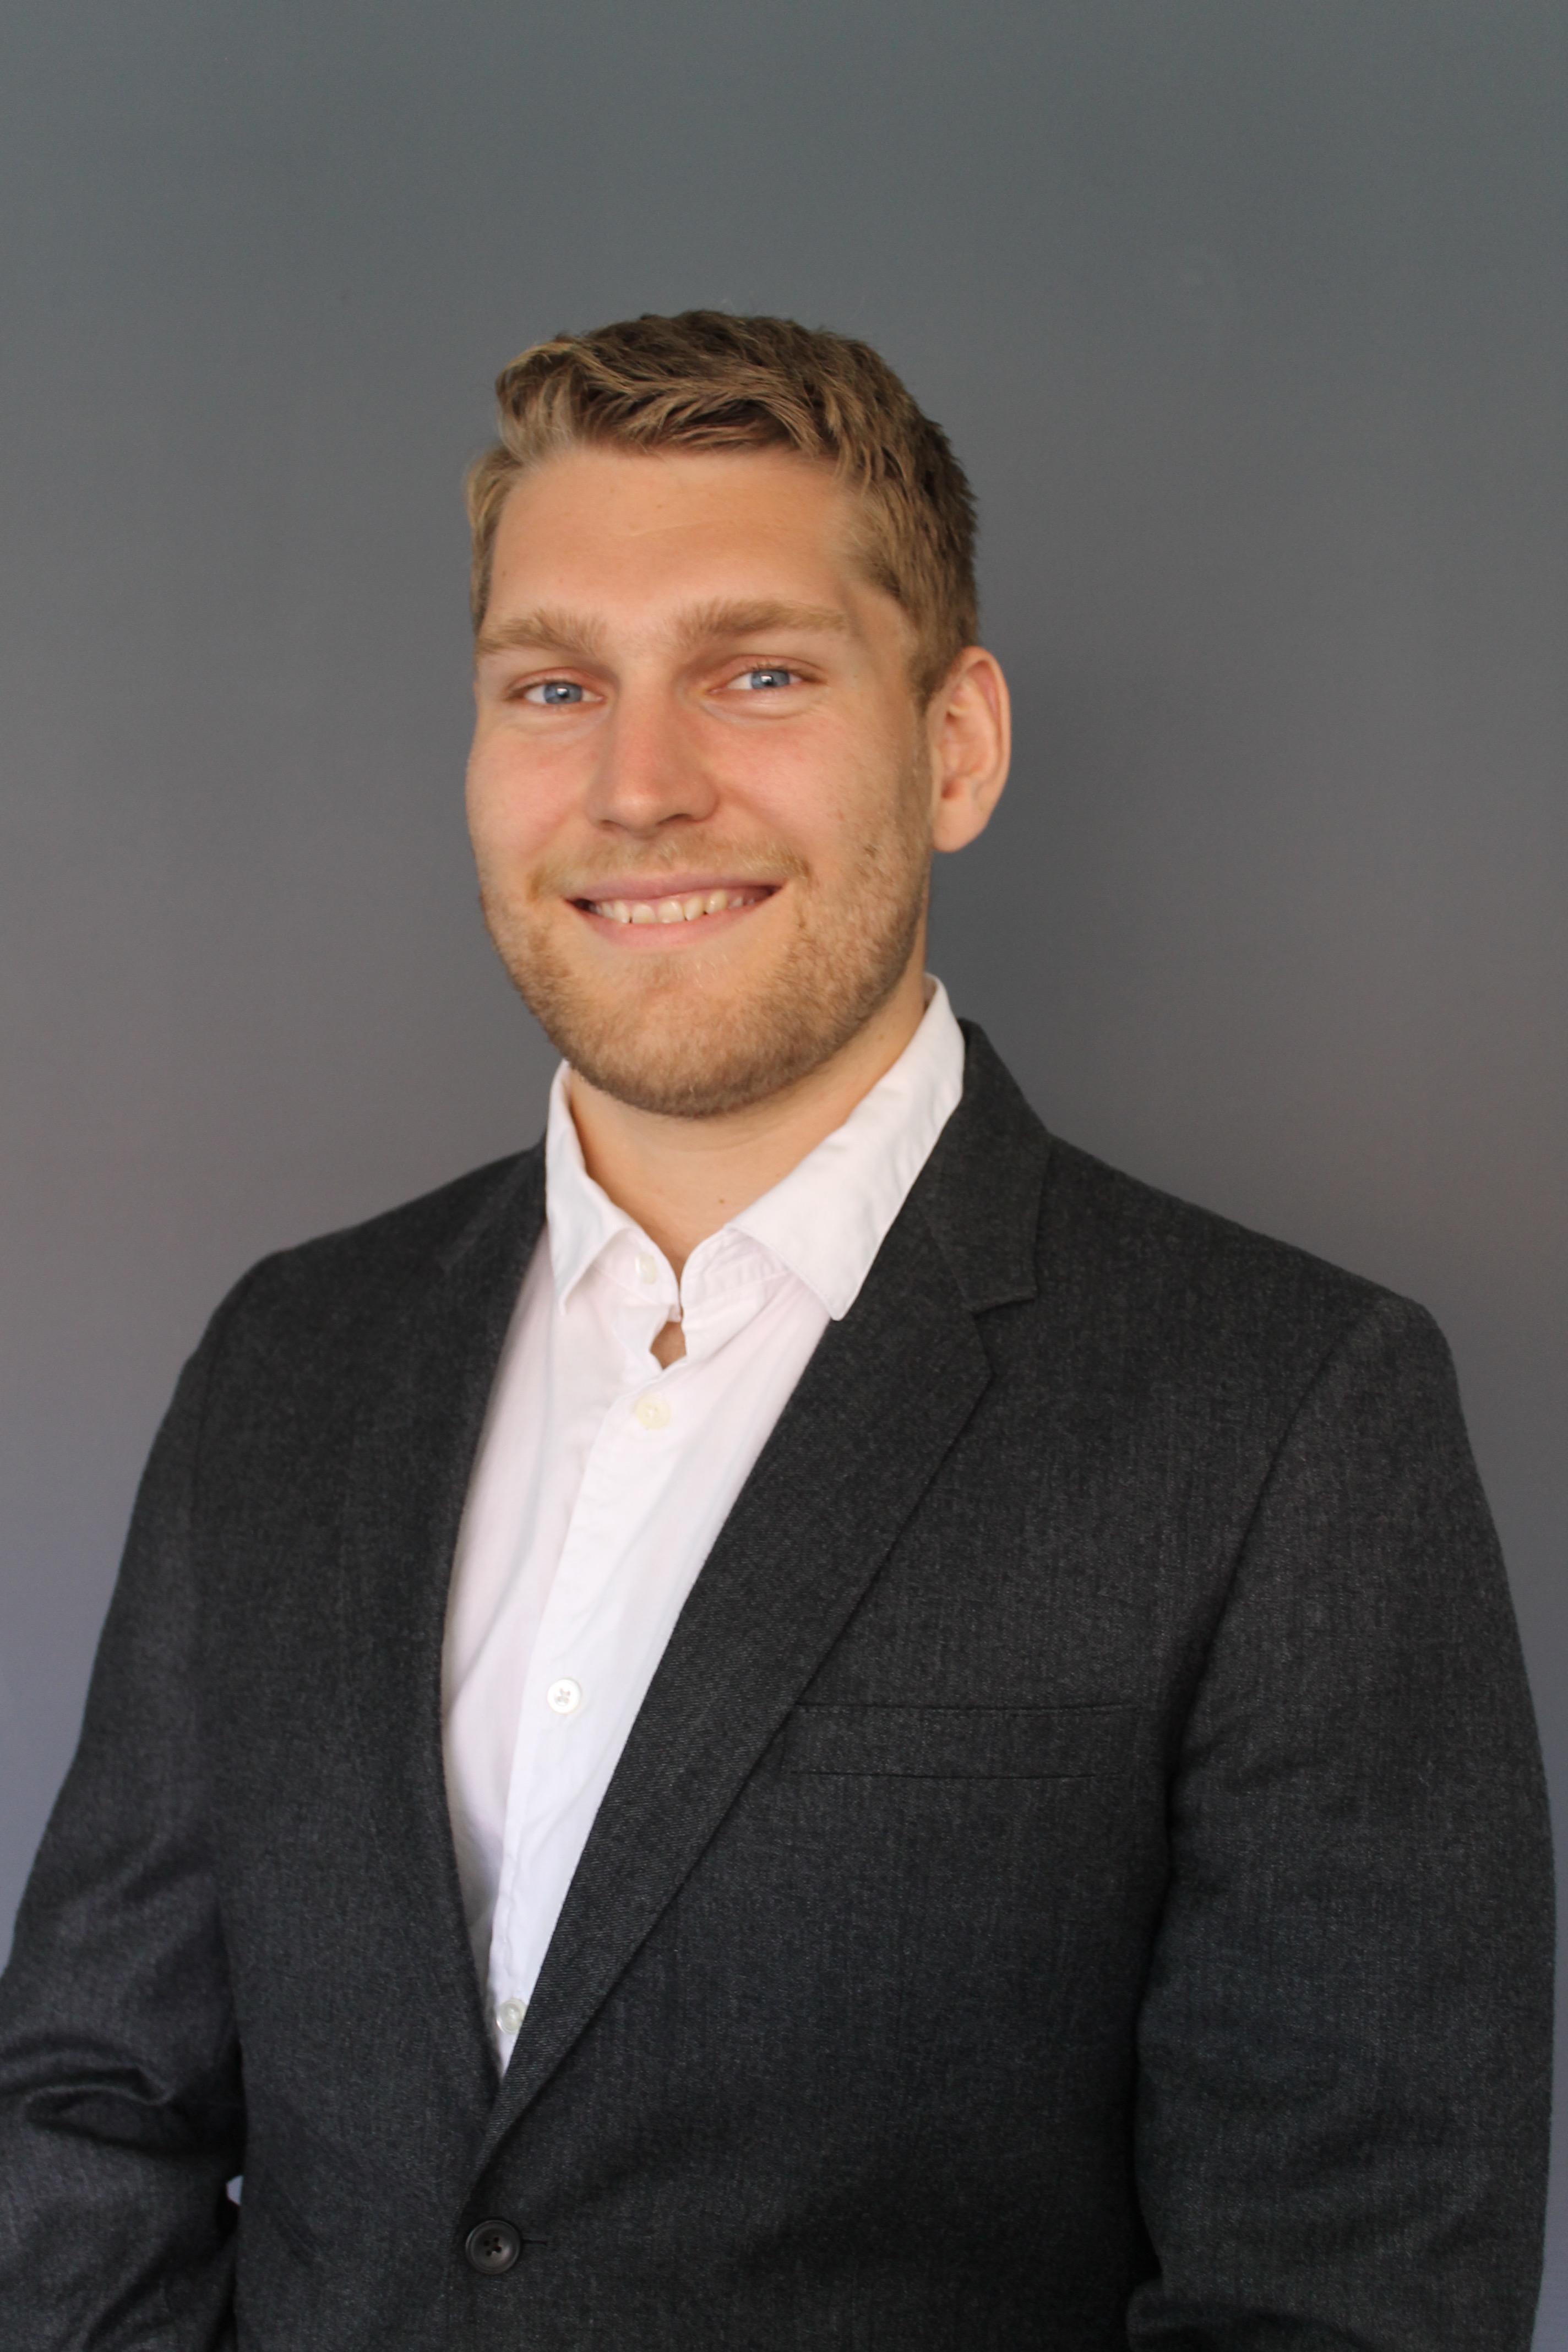 Thor Danielsen